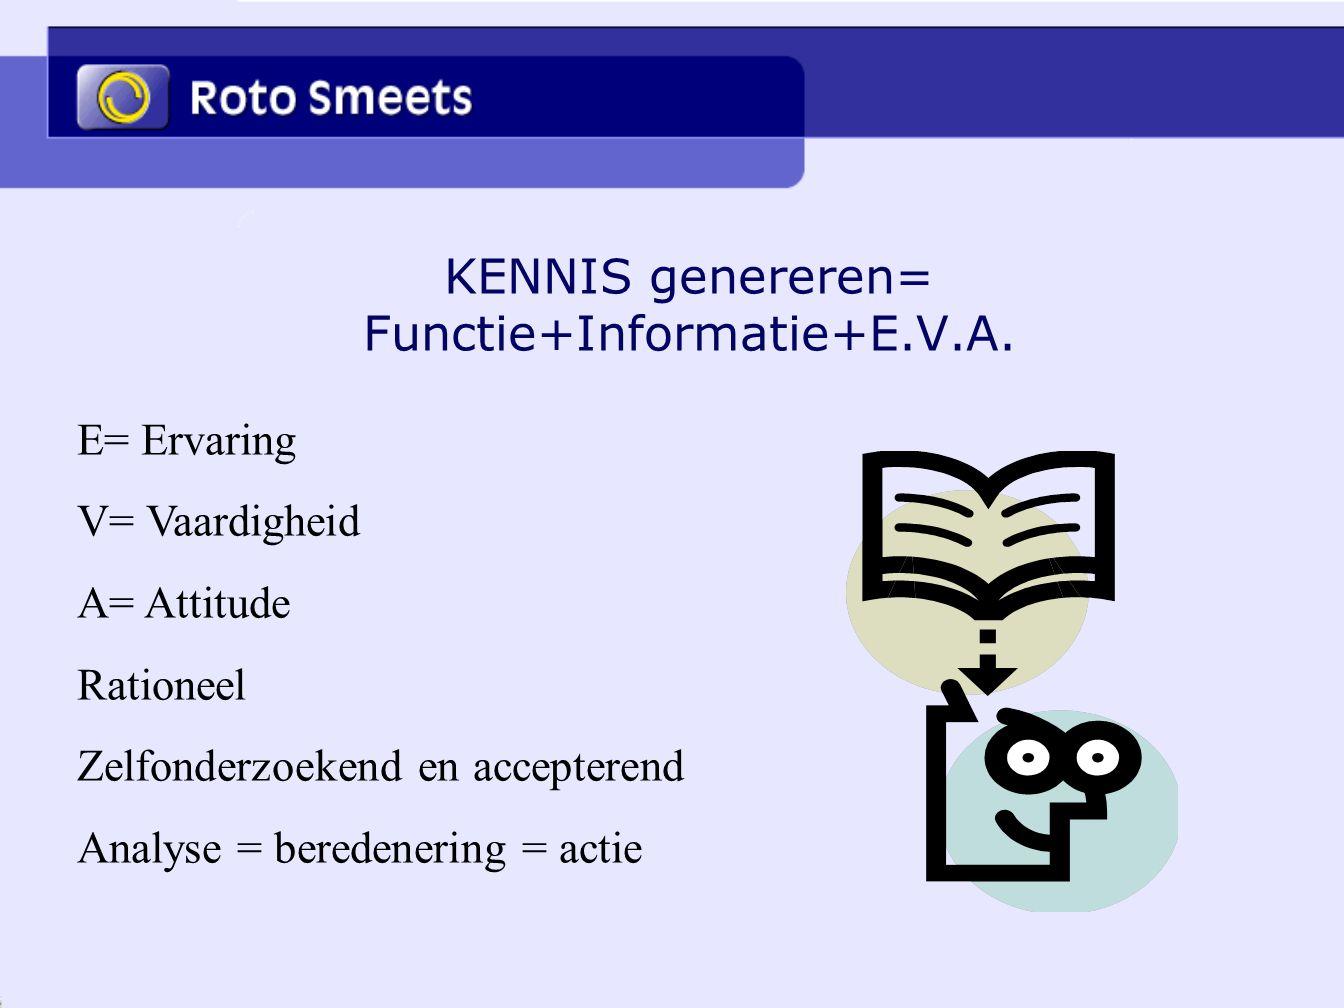 KENNIS genereren= Functie+Informatie+E.V.A.